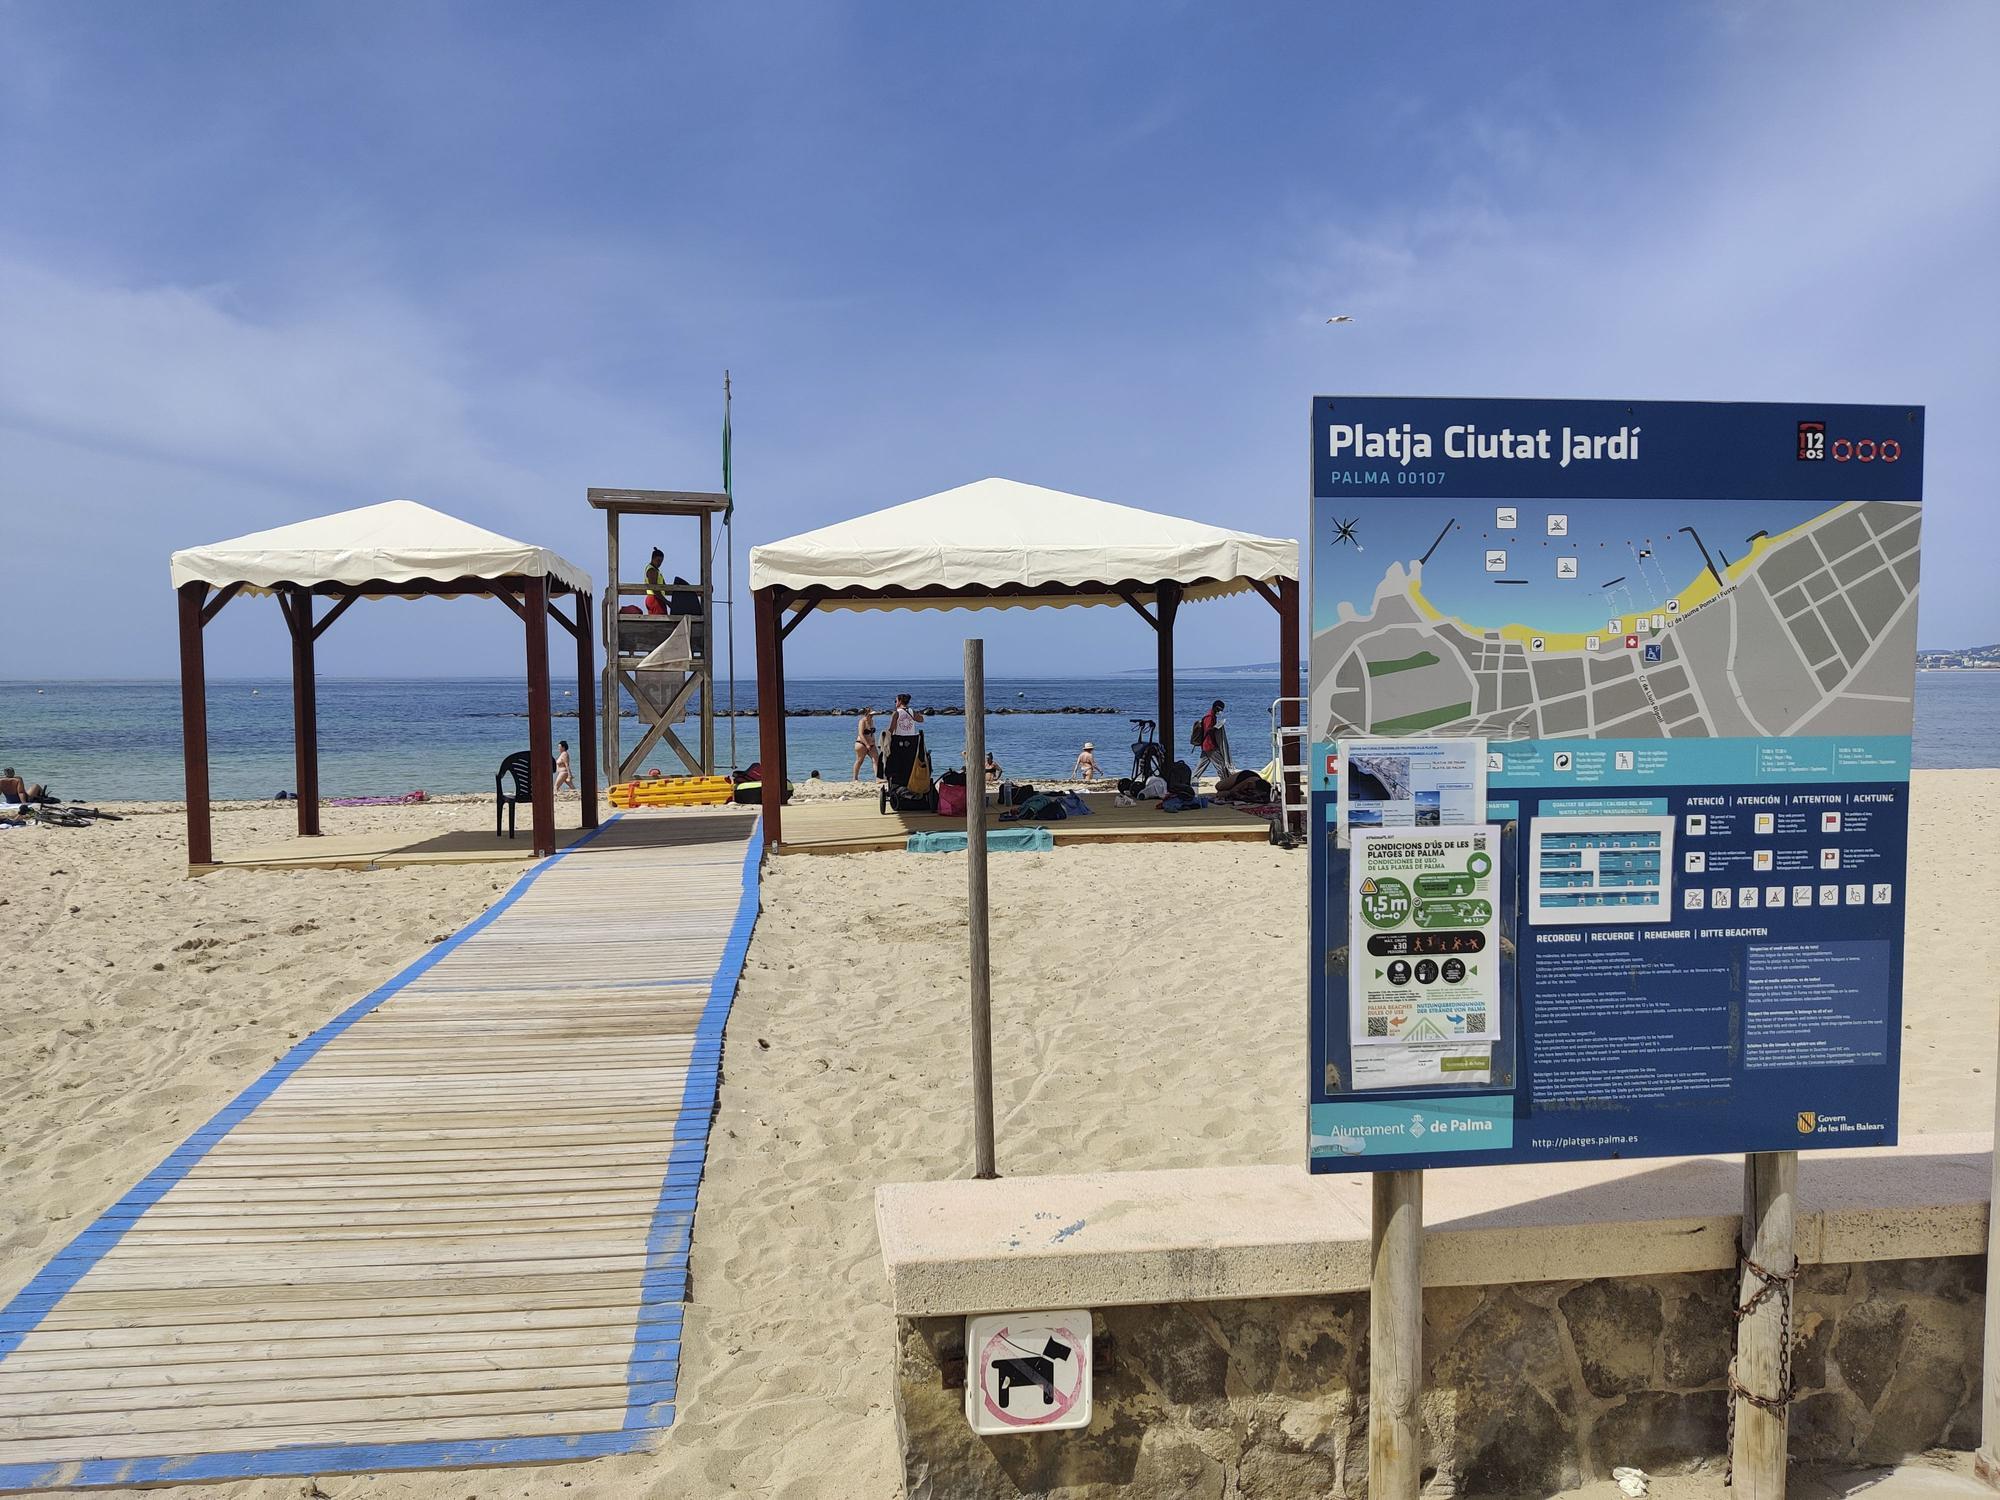 Las playas de Palma ya disponen de 'casi' todos los servicios de temporada